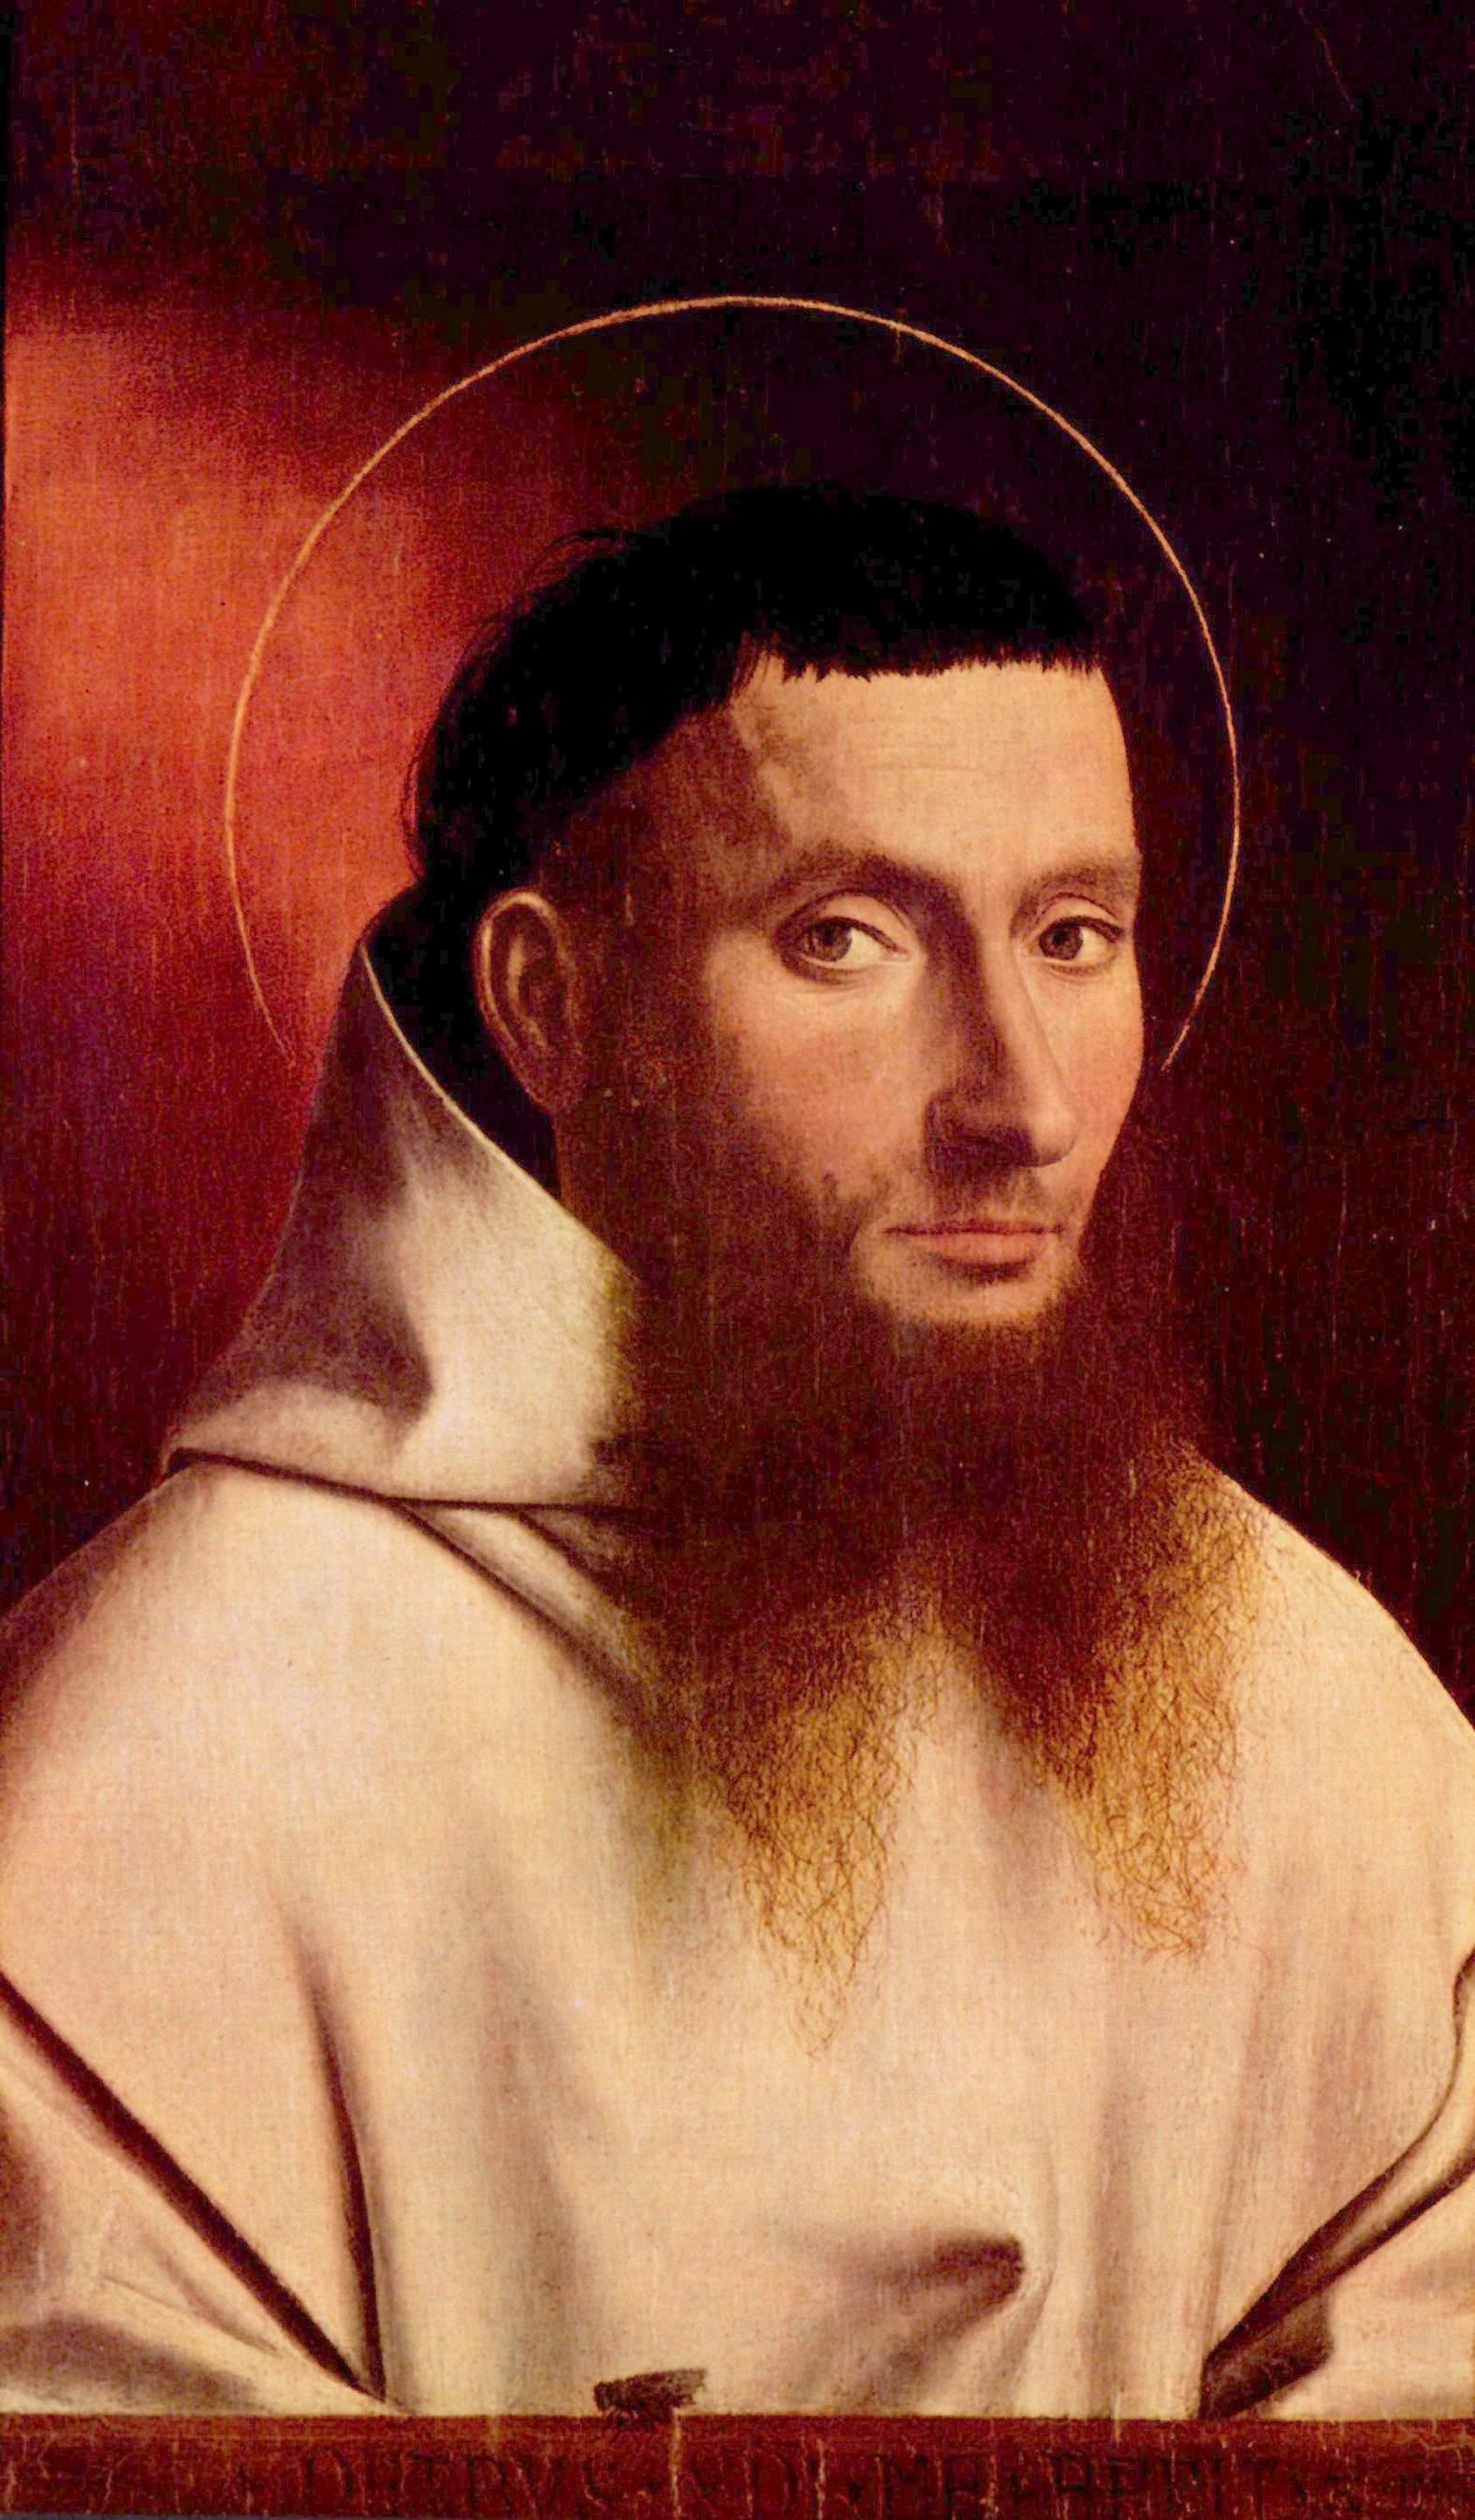 Портрет картезианского монаха, Кристус Петрус